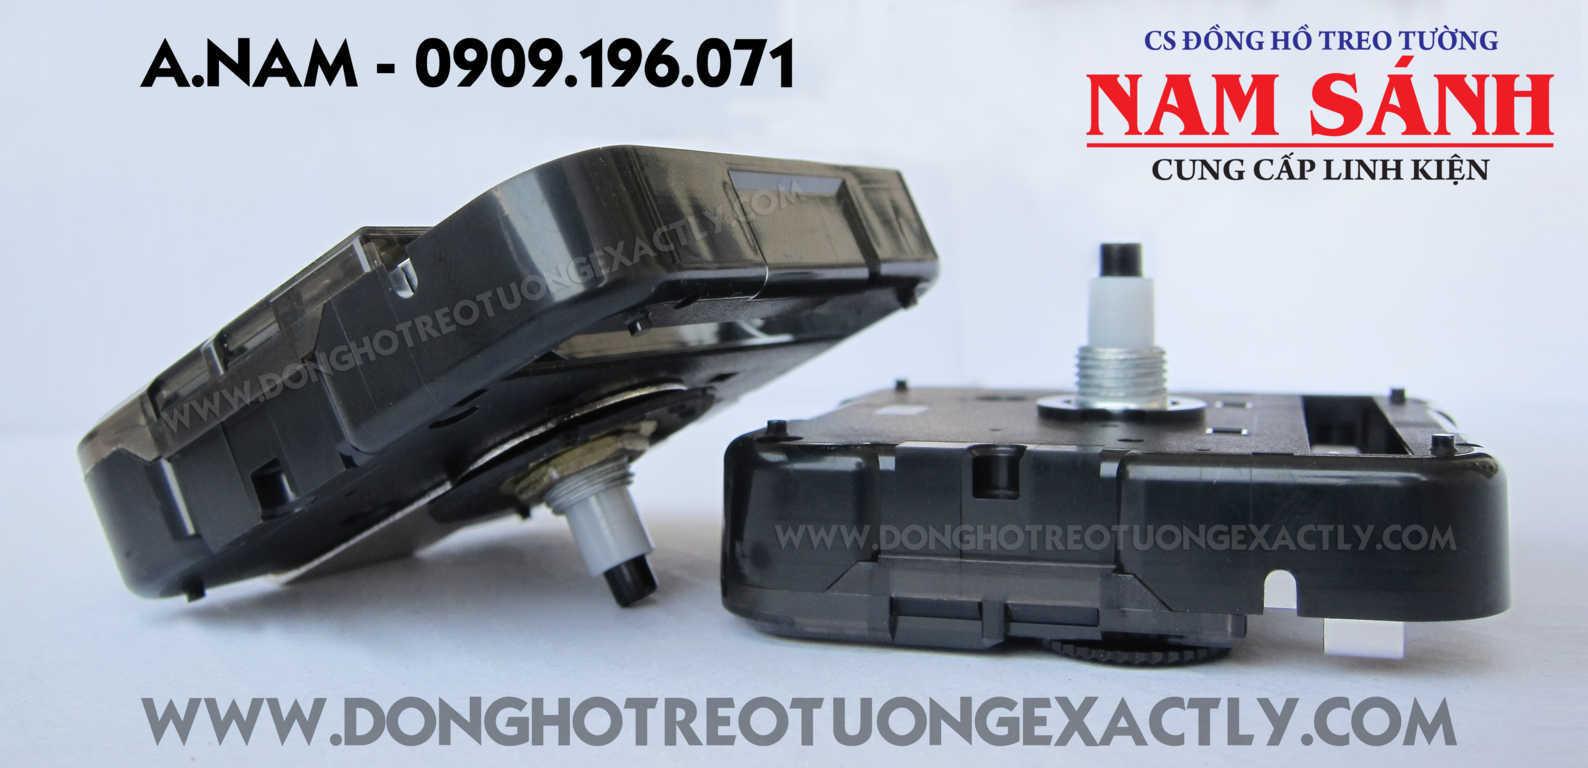 Diễn đàn rao vặt tổng hợp: máy đồng hồ treo tường giá sỉ IMG_5839-1%20-%20A.Nam%200909.196.071